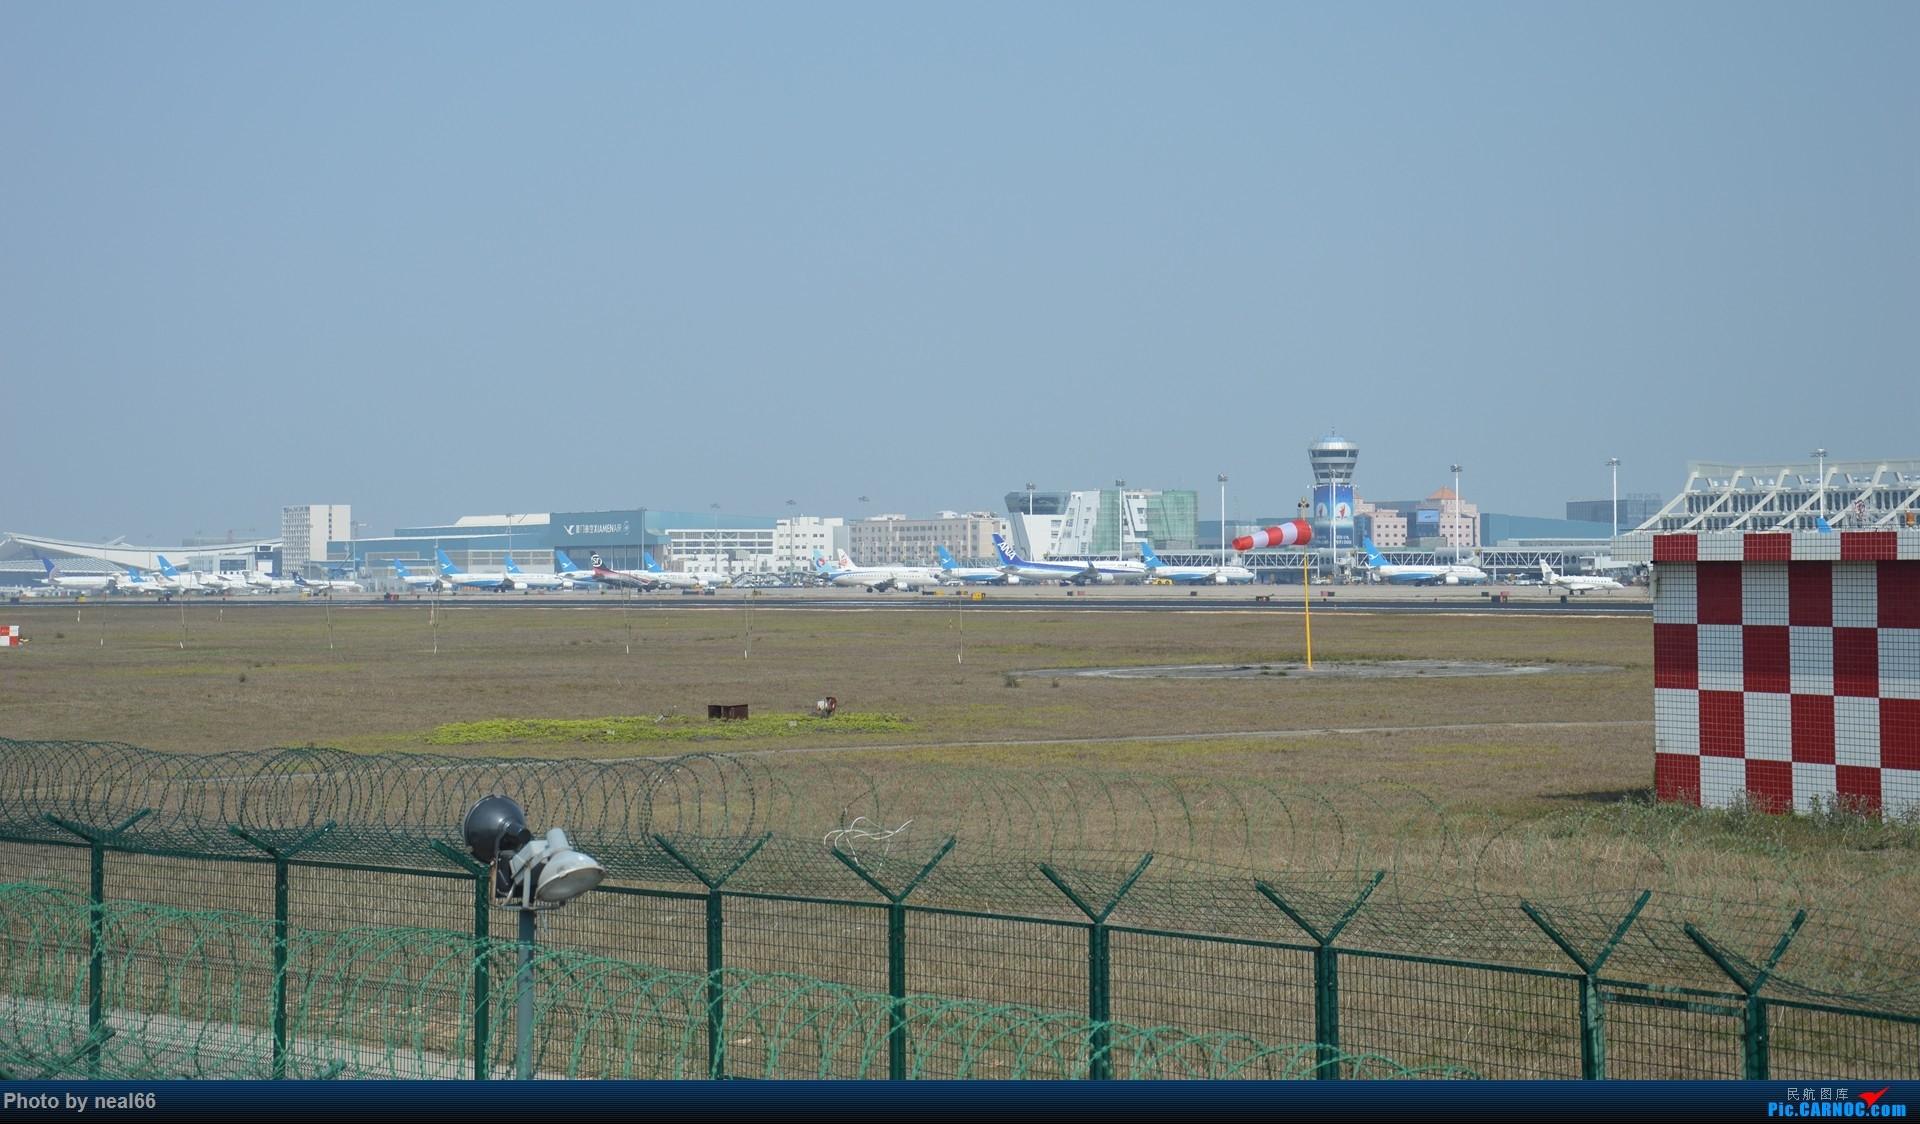 [原创]厦门机场的较大飞机    中国厦门高崎国际机场